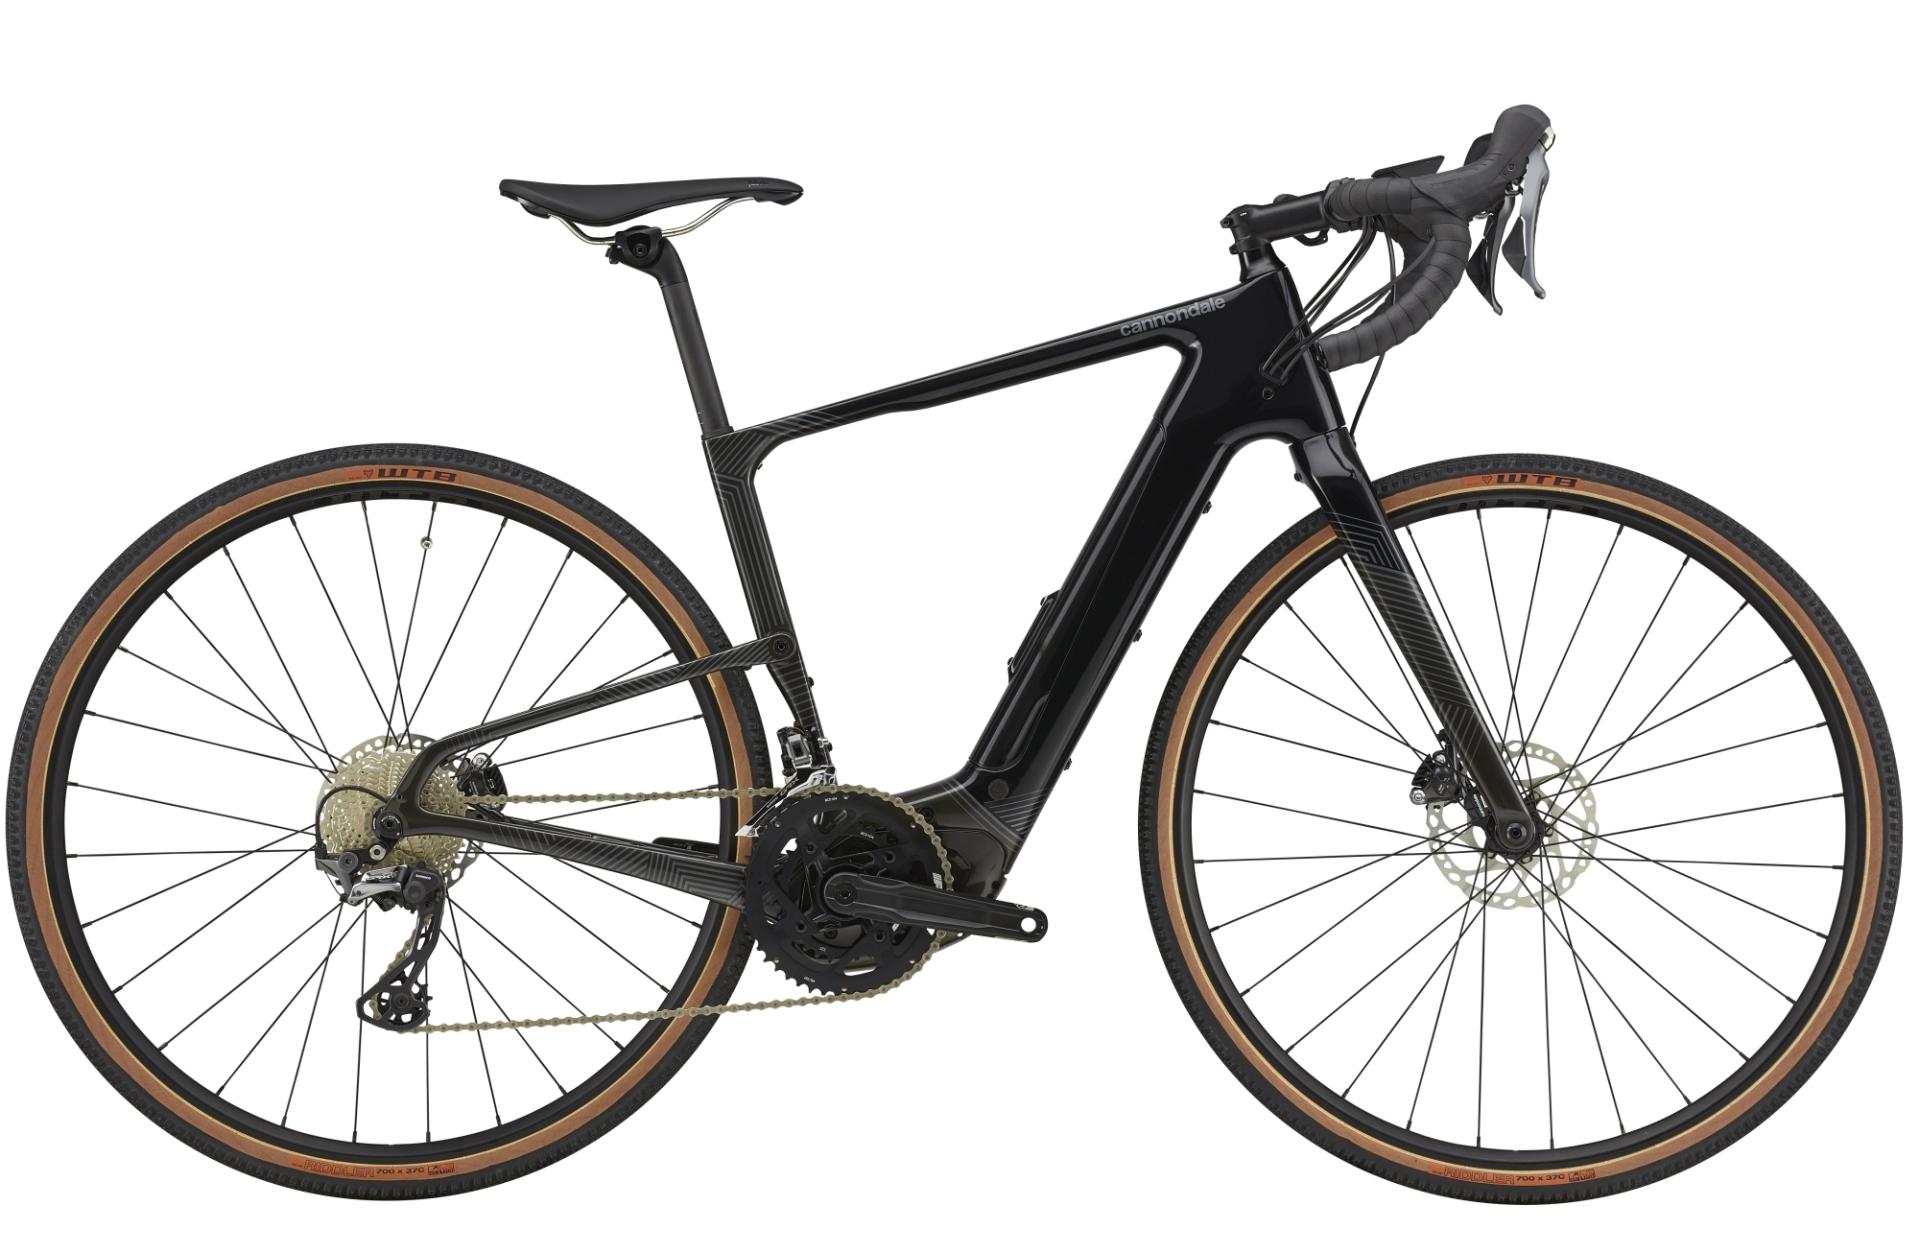 Cannondale Topstone Neo Carbon 2 pedelec gravel kerékpár - fekete - M (2021)